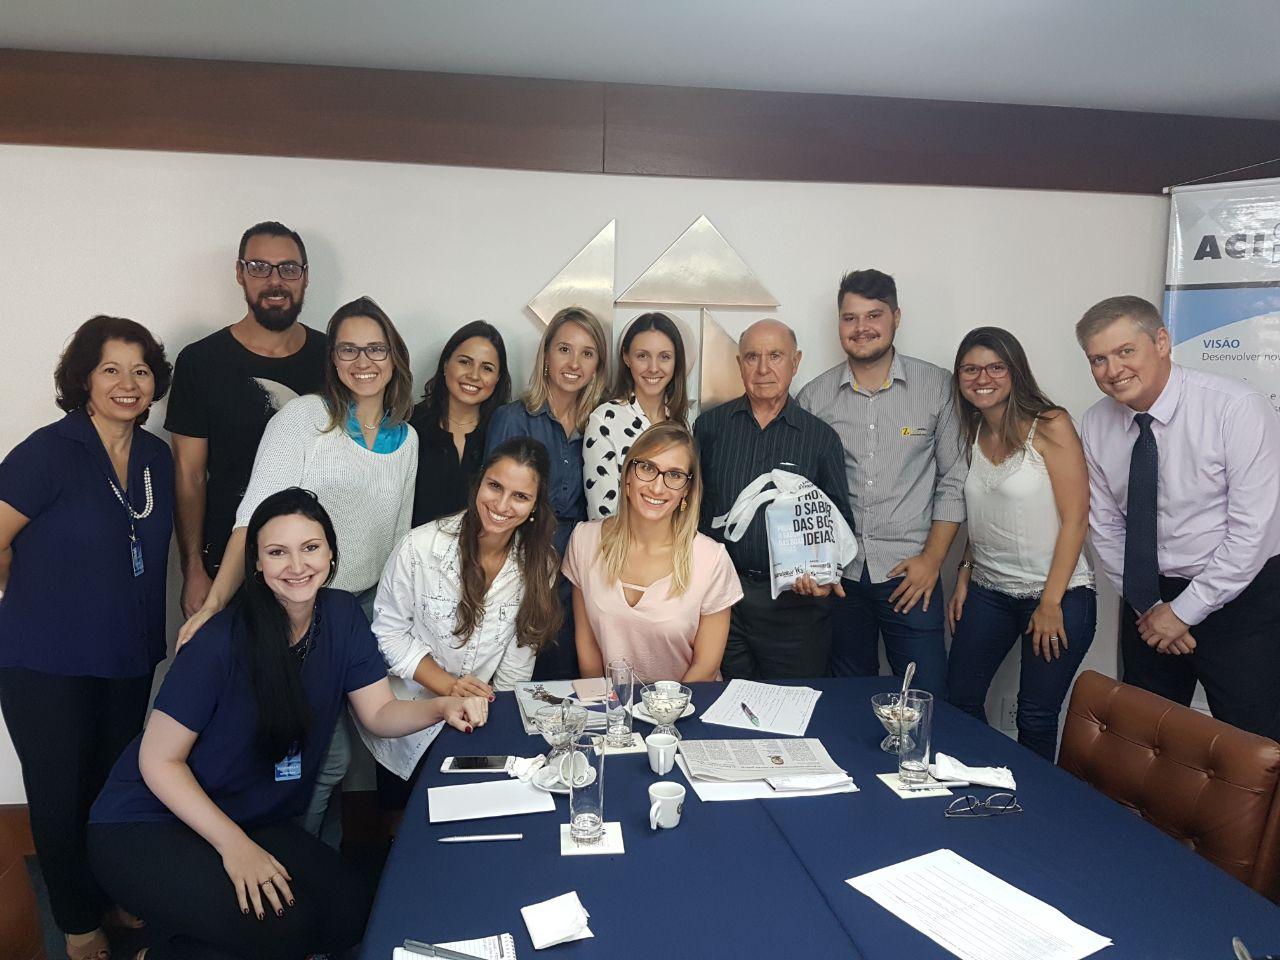 Jovens empreendedores reunidos com o empresário Ernani Reuter